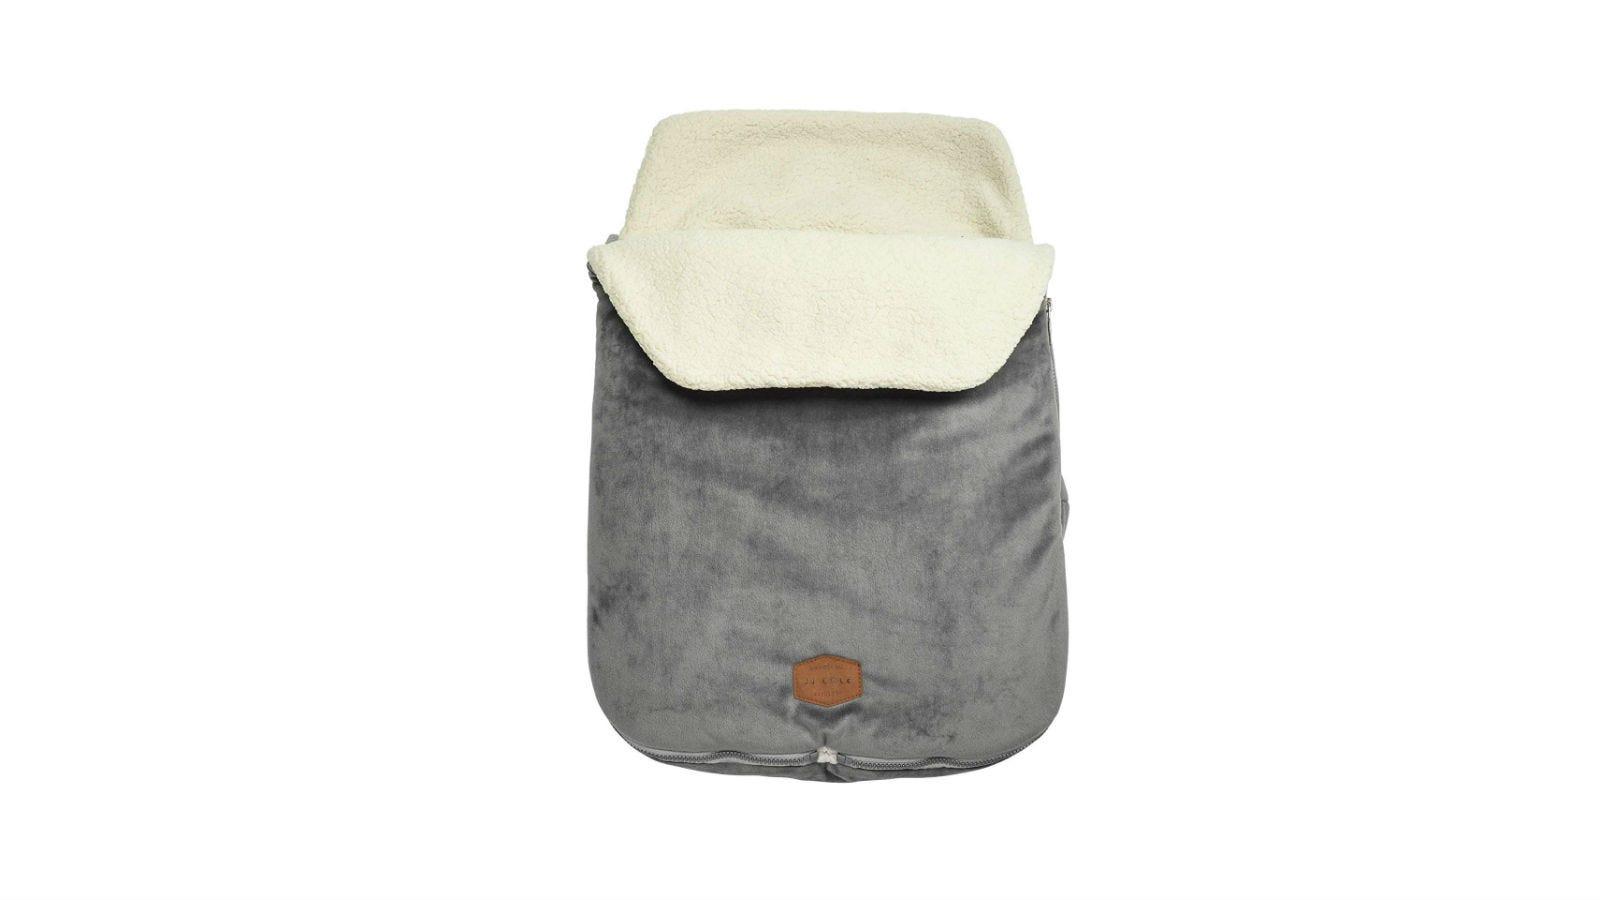 The JJ Cole Original Bundleme Bunting Bag.